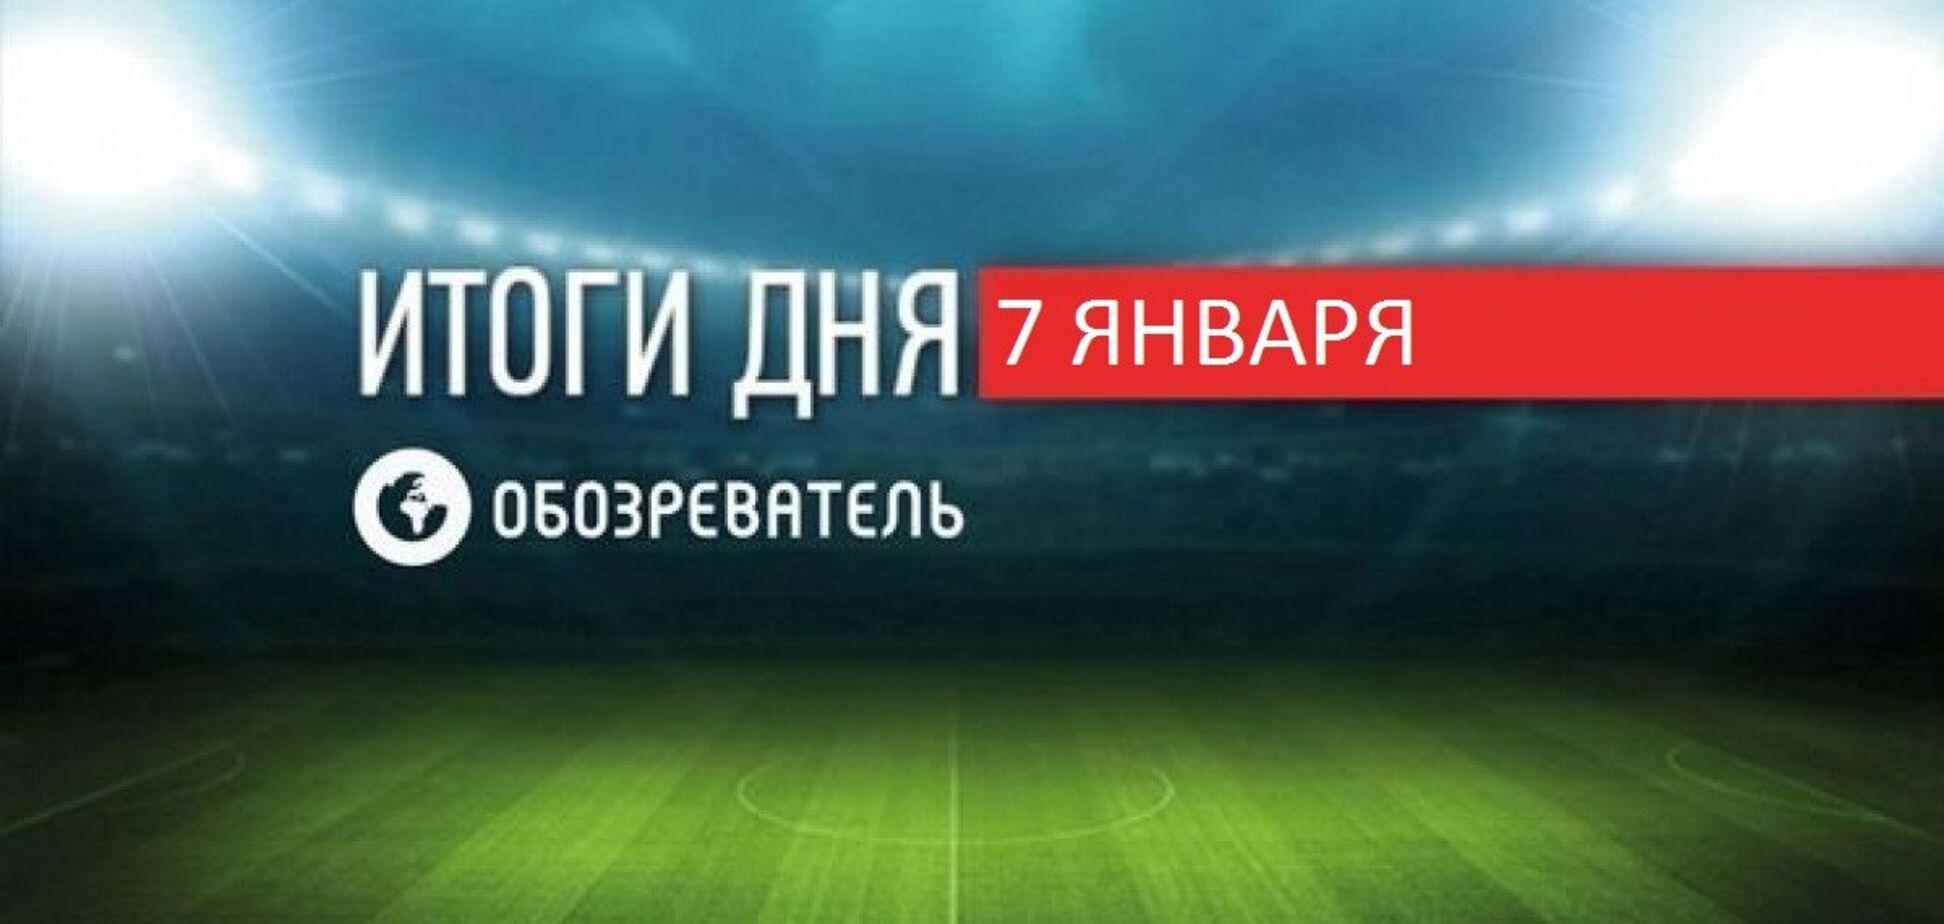 Нокаут Поветкина назван лучшим в 2020 году: спортивные итоги 7 января